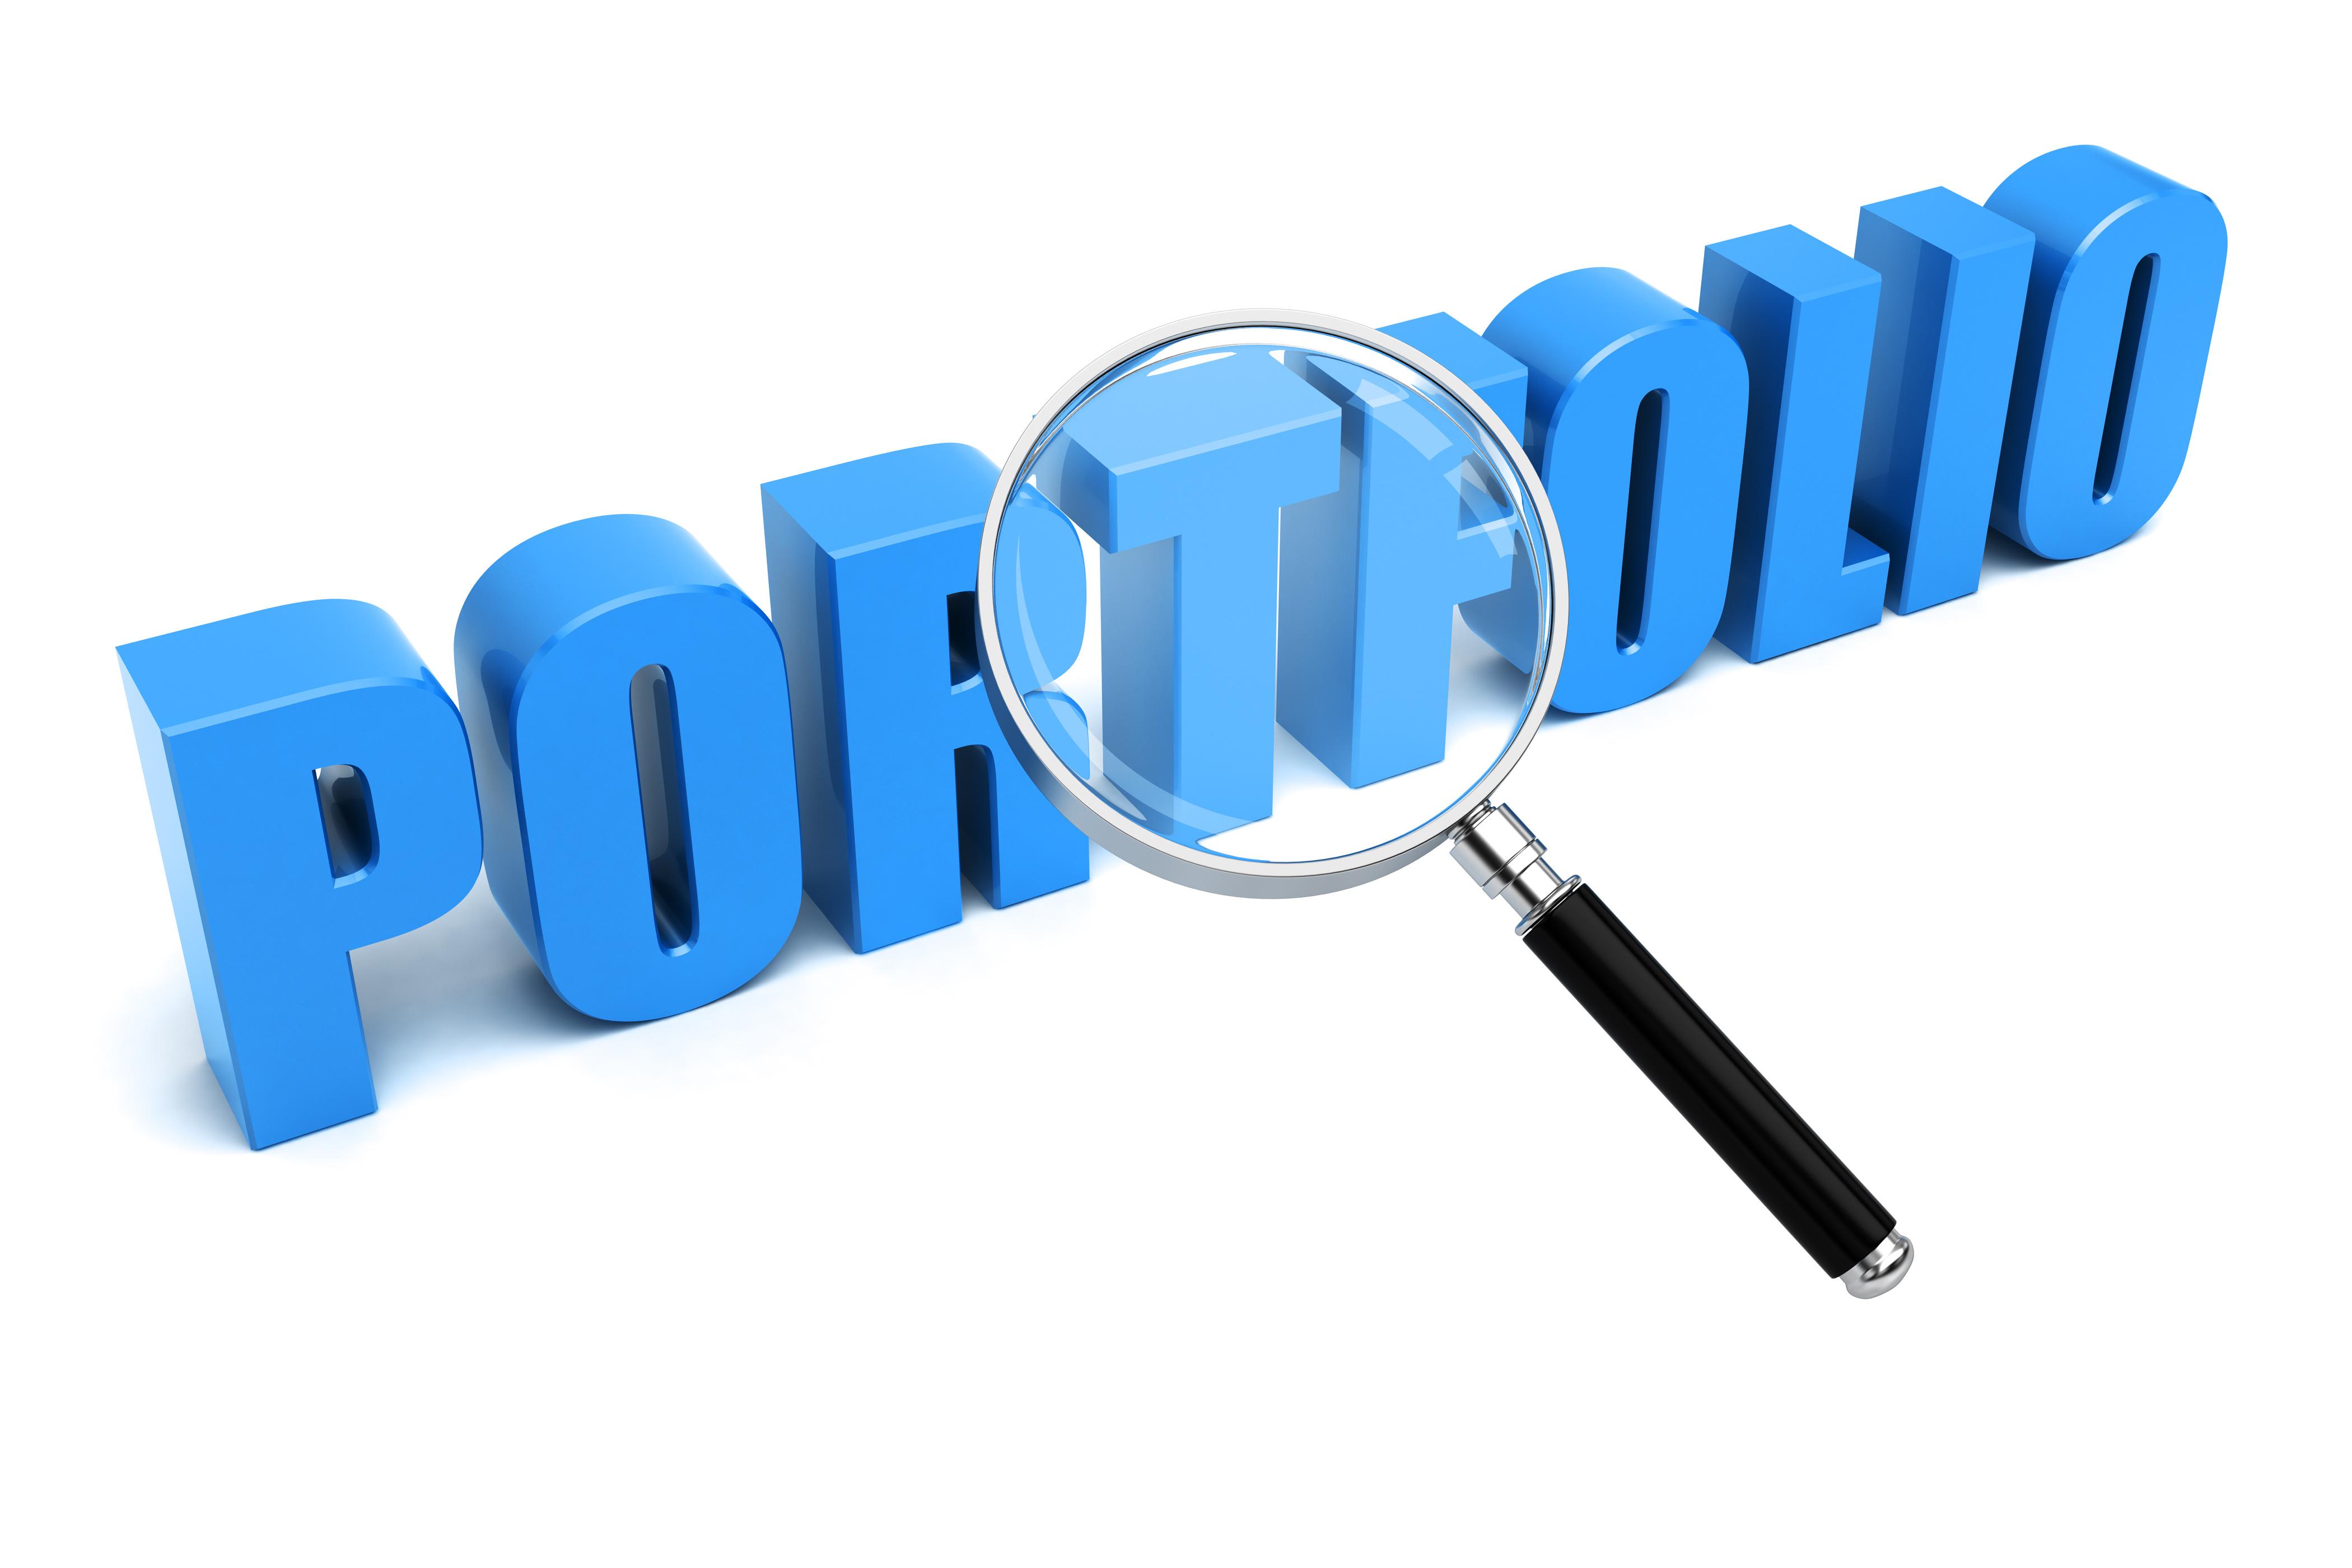 Portfolio search